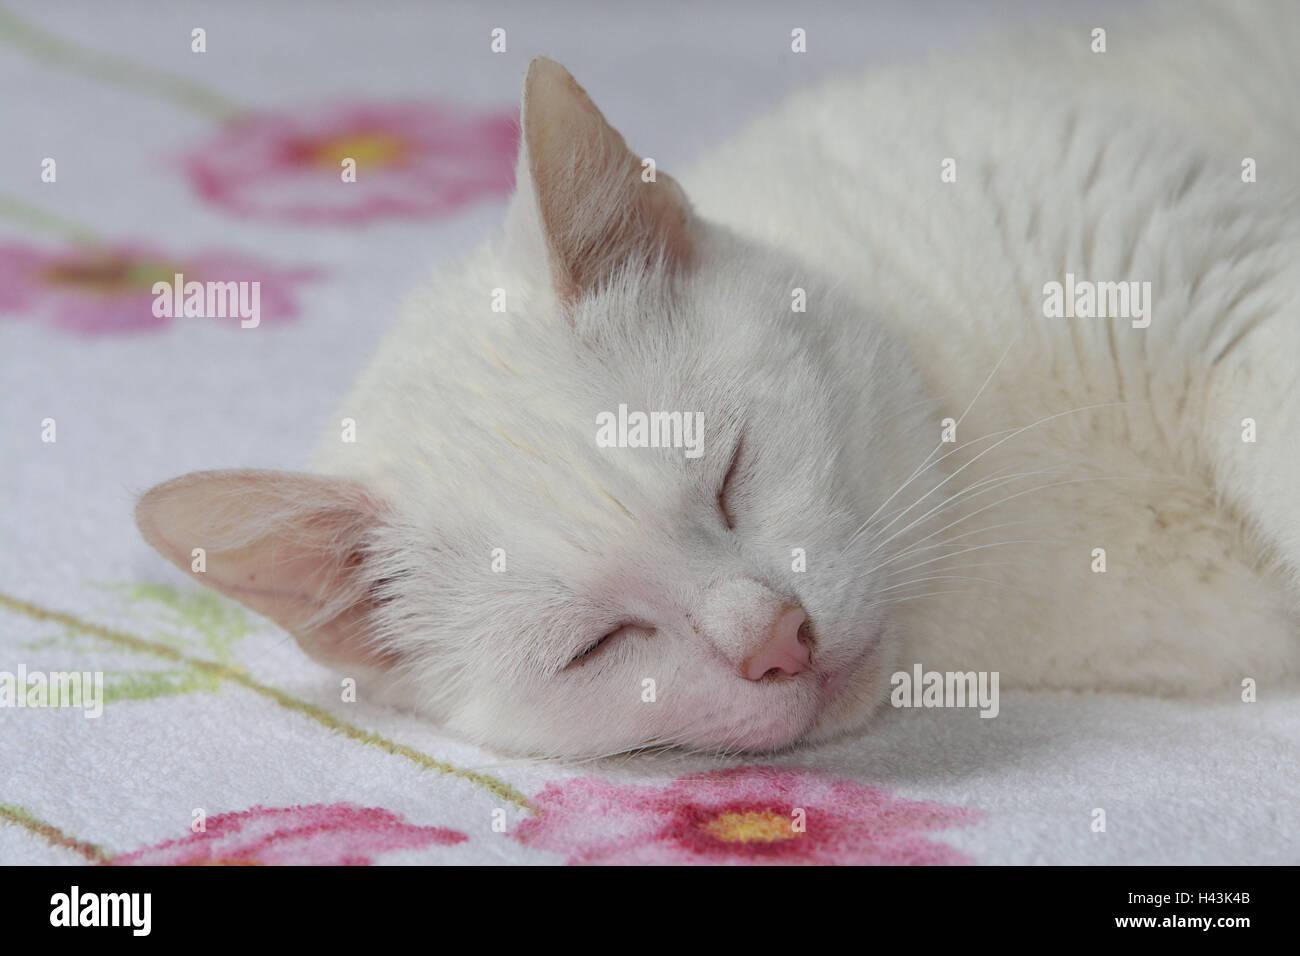 Katze Weiß Schlafen Bett Porträt Tiere Säugetiere Haustiere